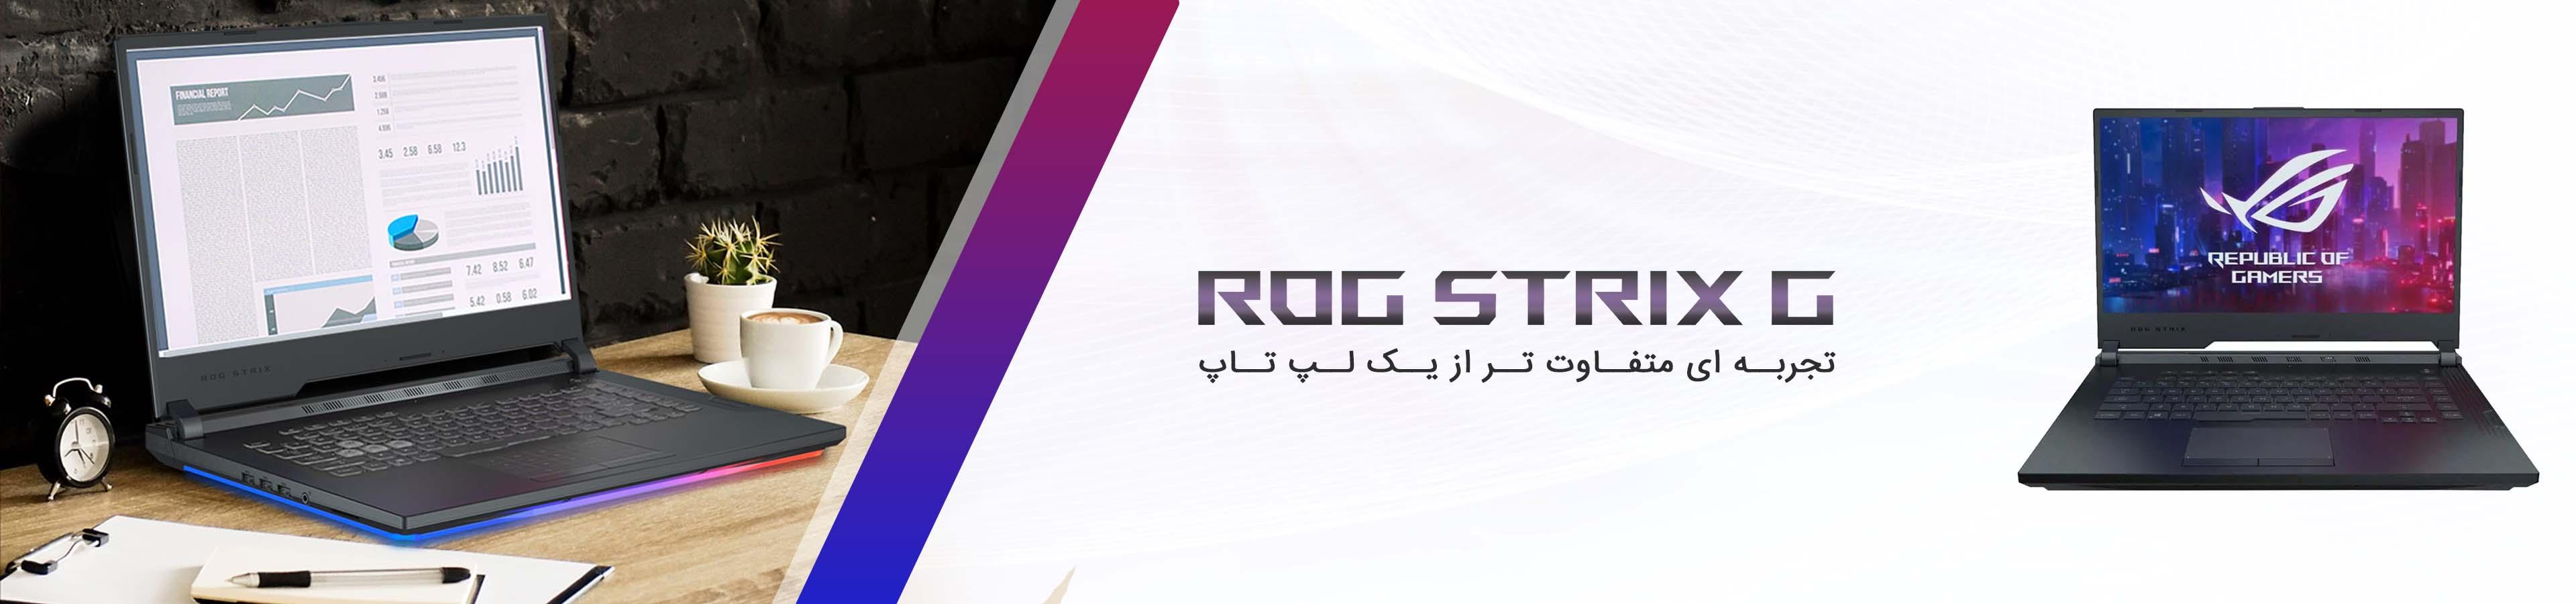 Asus-ROG-G531GT